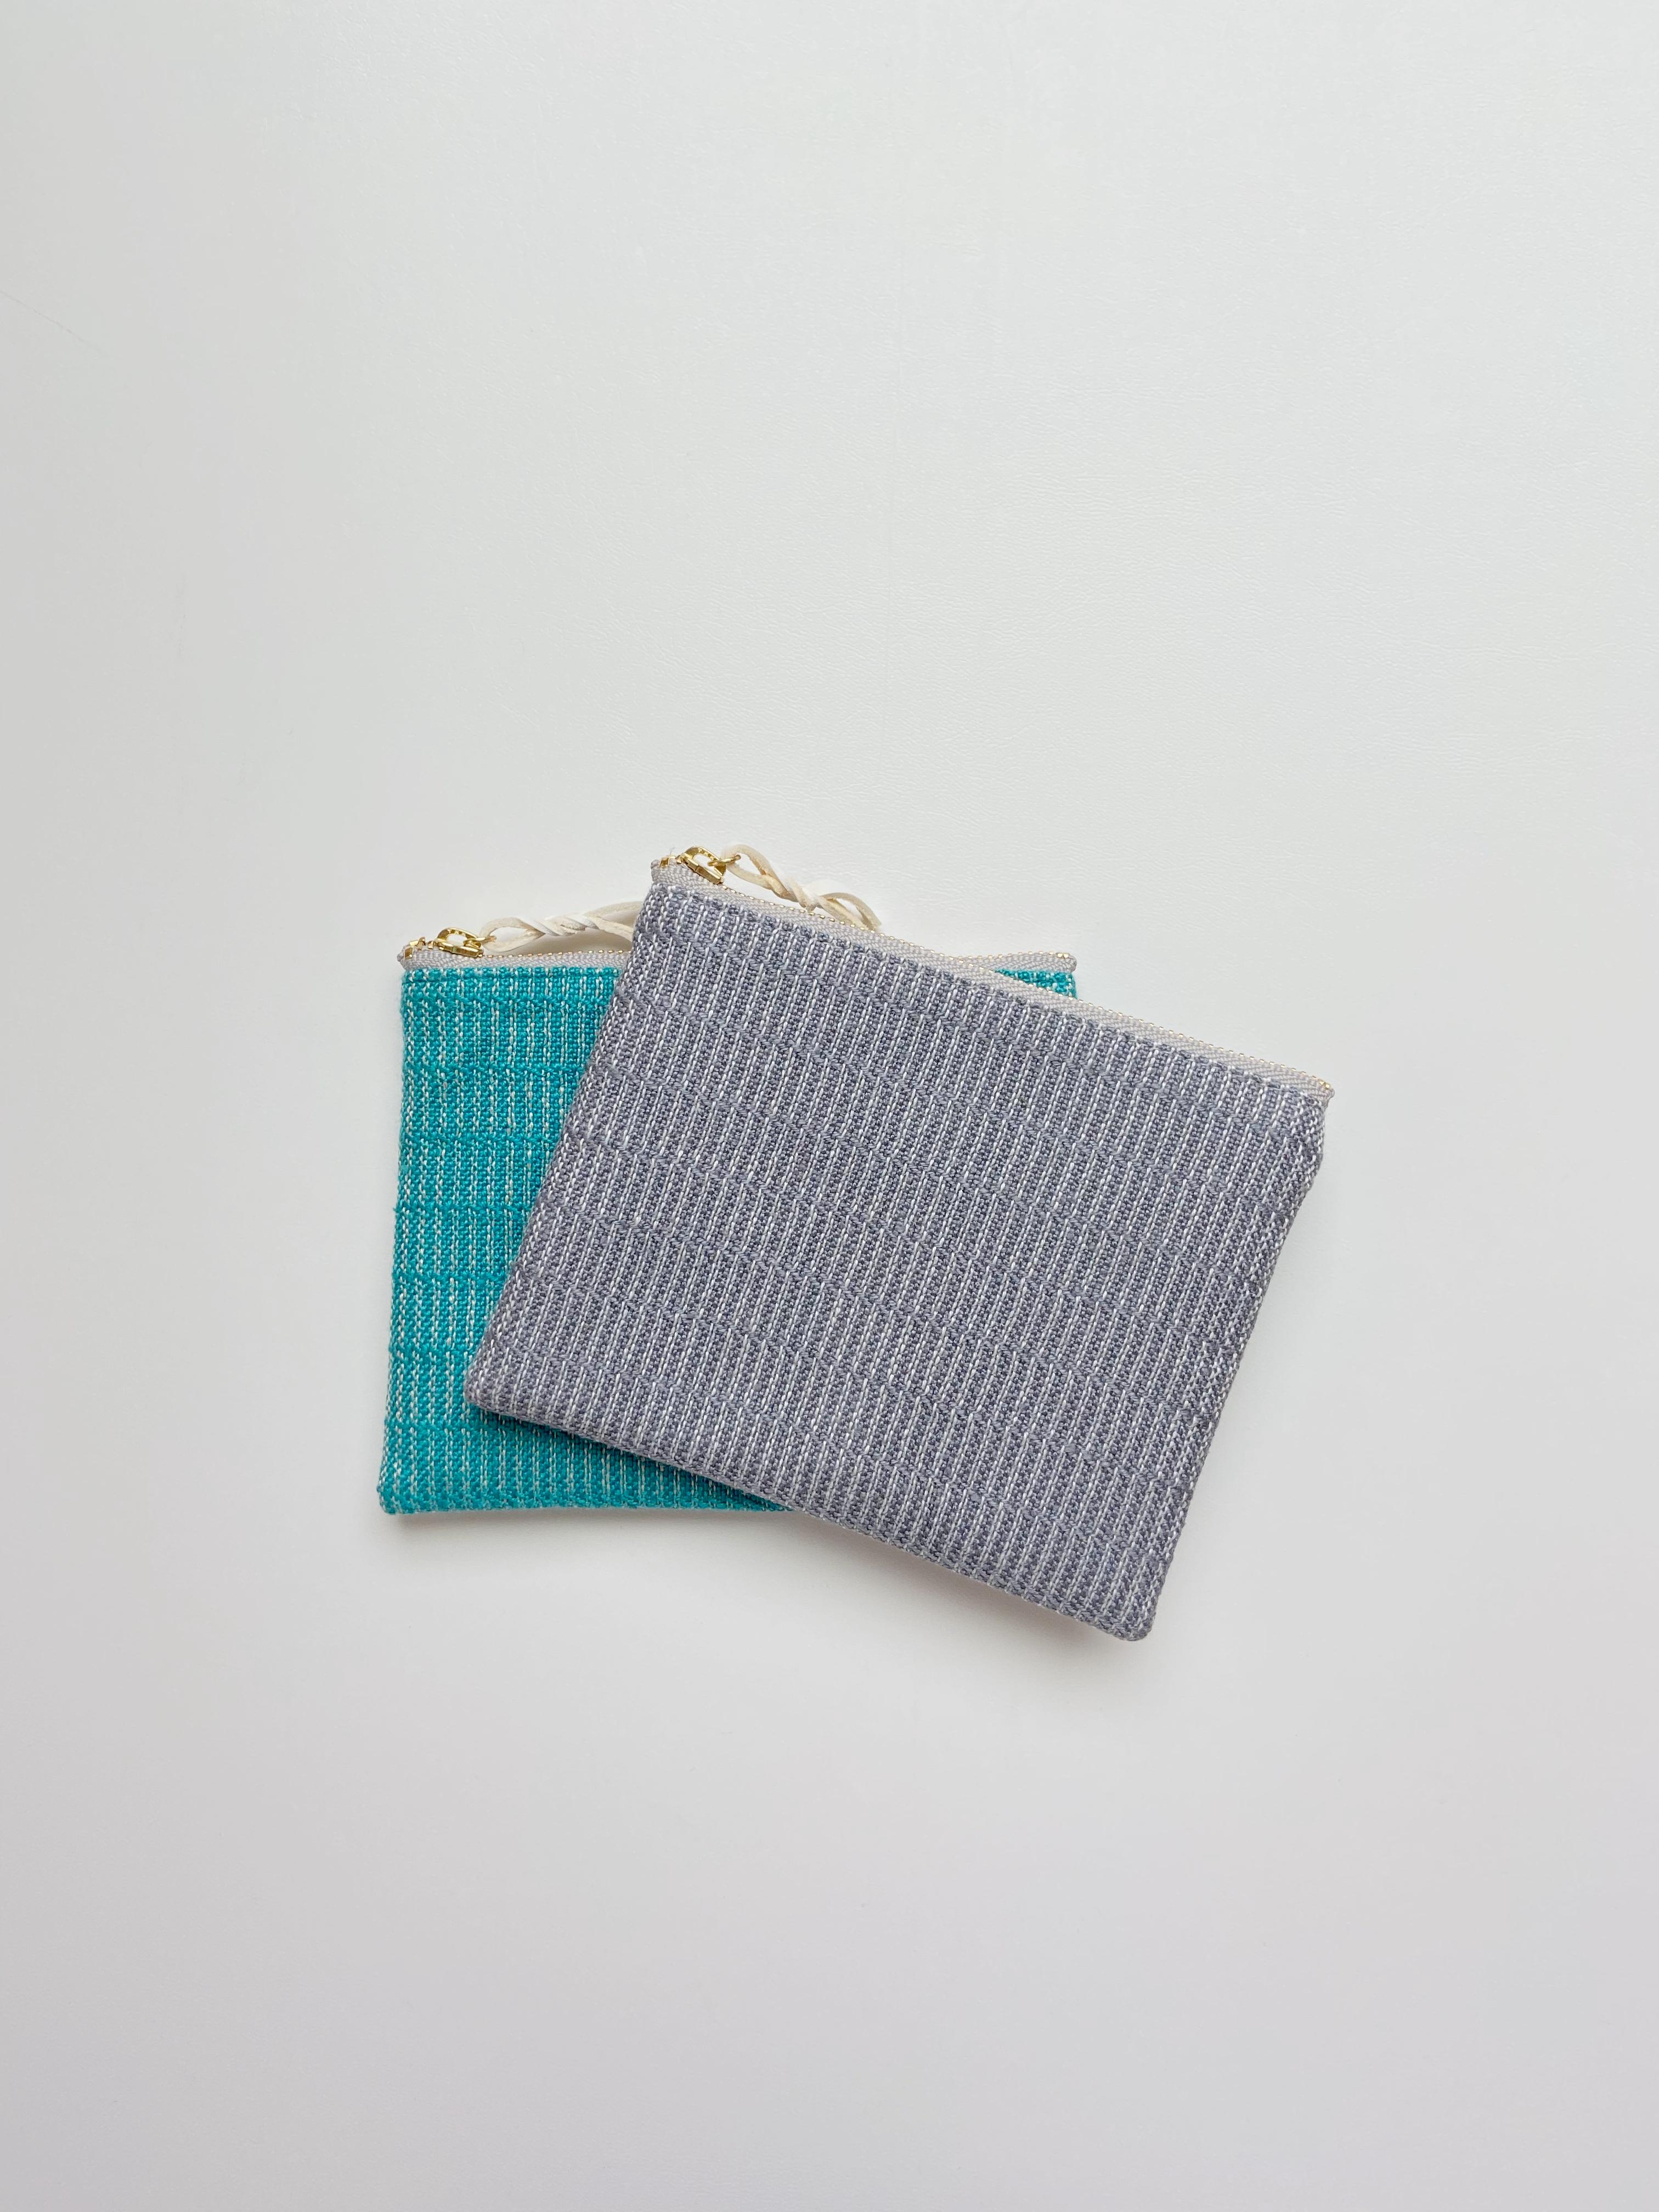 手織りミニポーチ(HAND WOVEN Hand-woven pouch 14cm Alinea)